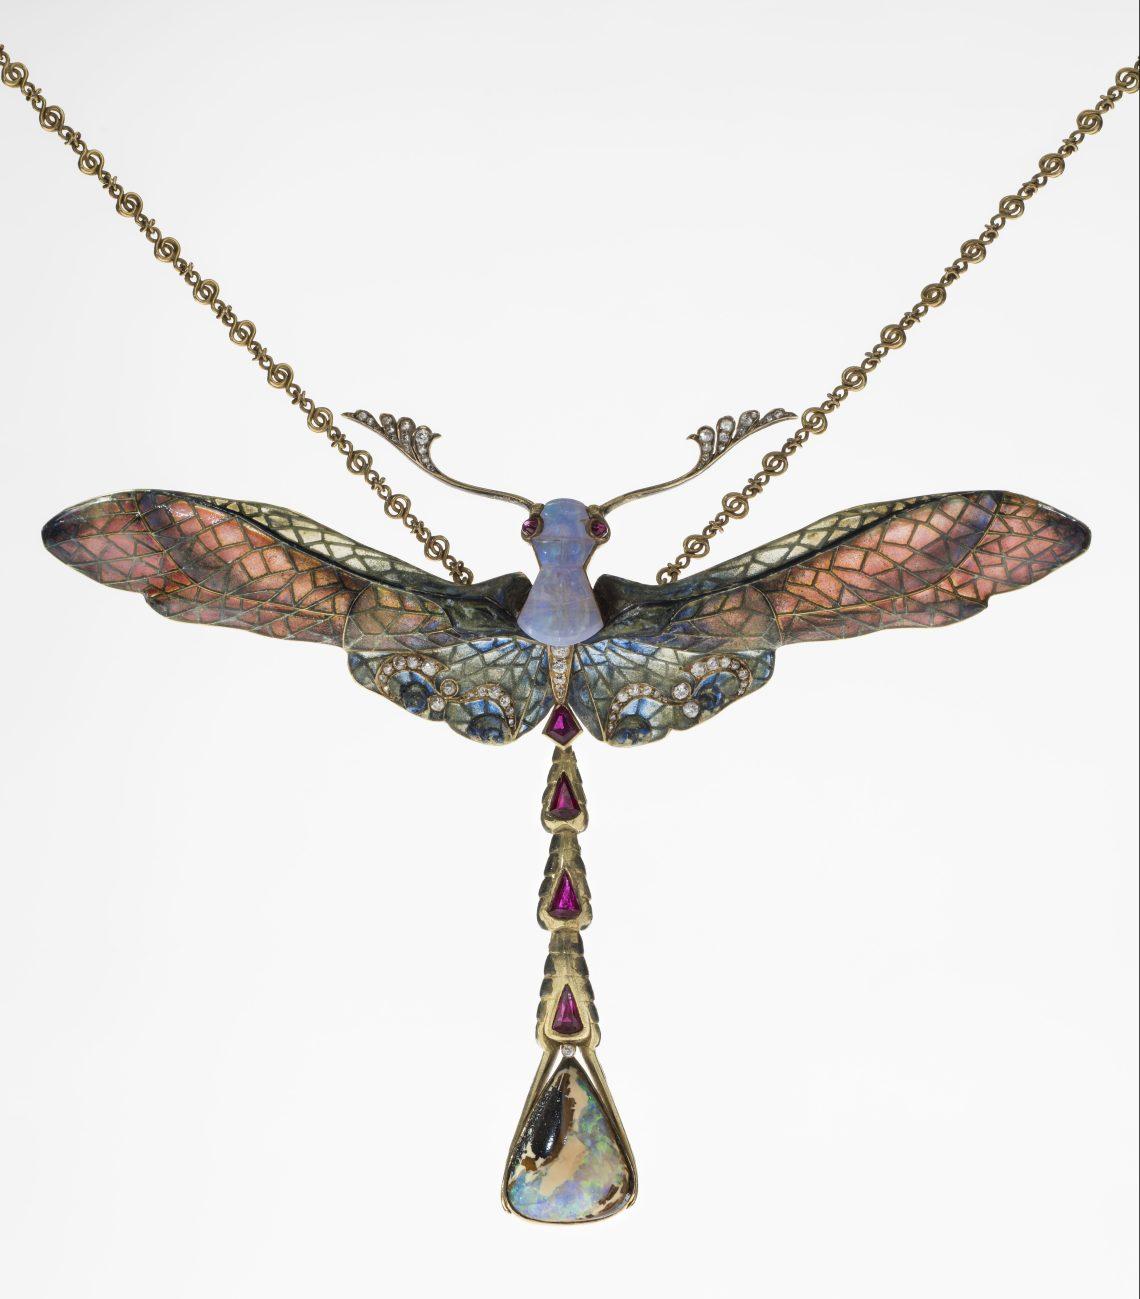 Philippe Wolfers, Libel, hanger, 1902-1903. Collectie Koning Boudewijnstichting. Foto met dank aan Jubelparkmuseum©